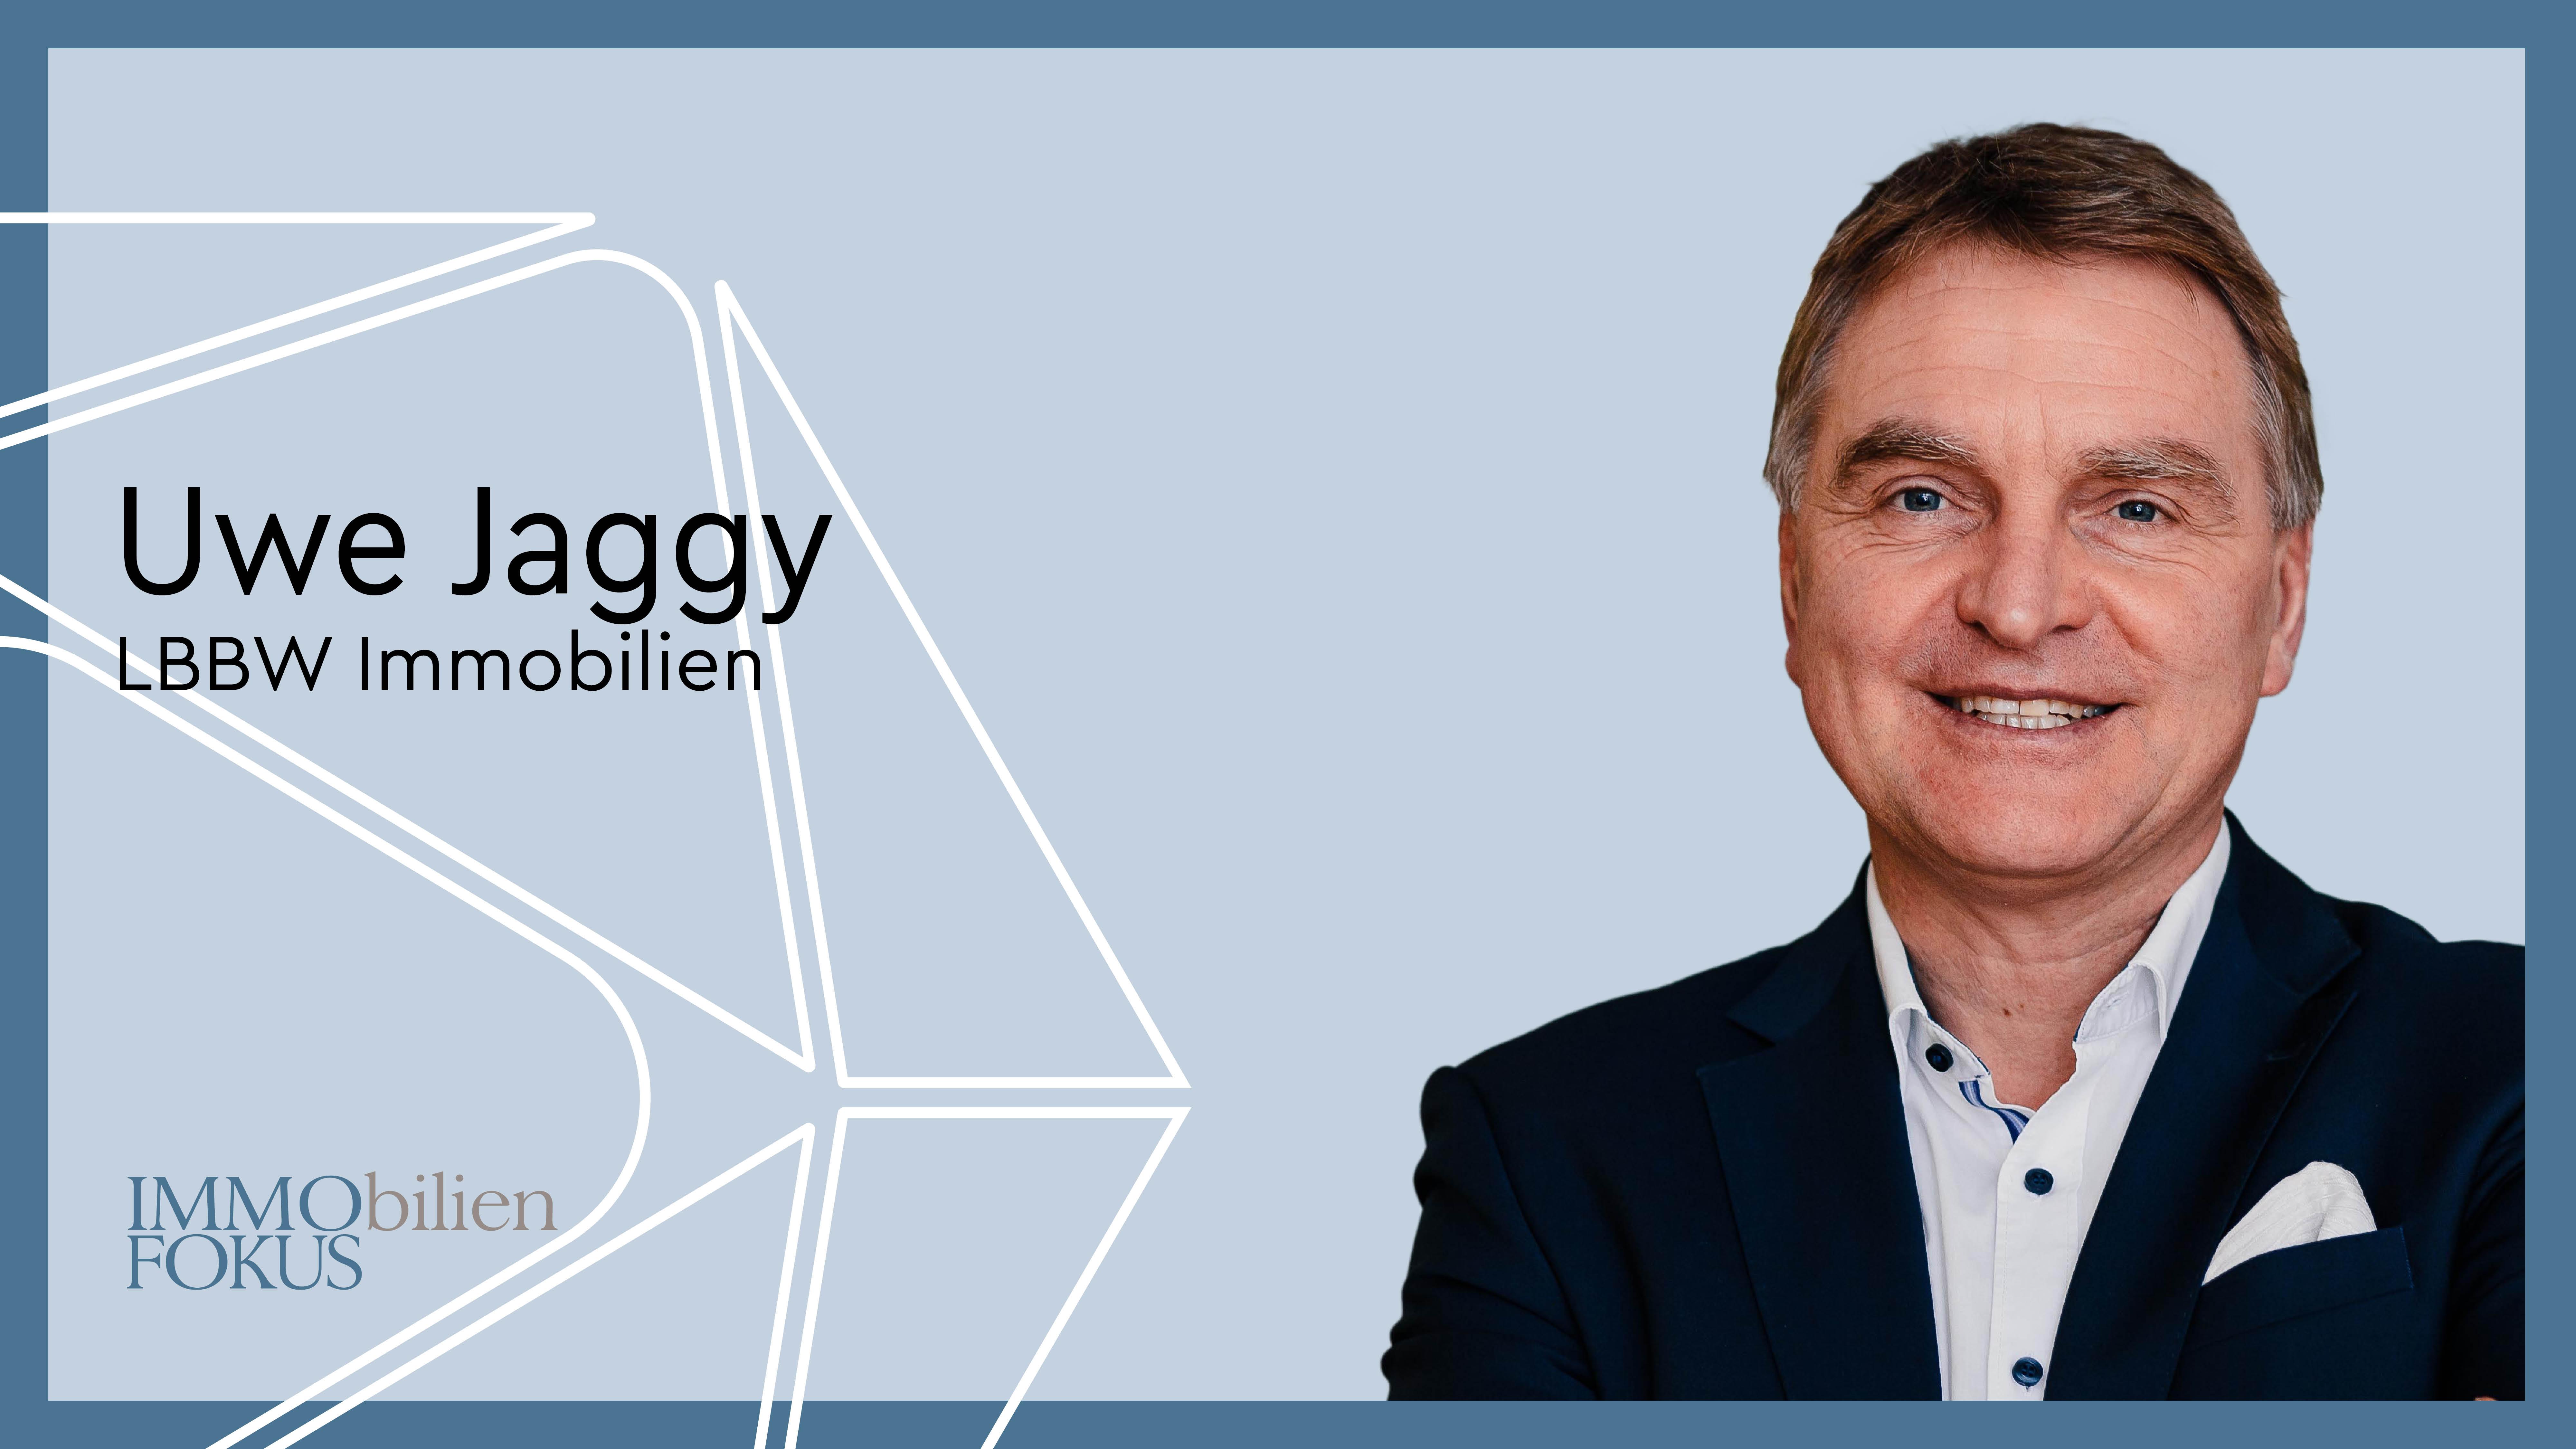 Uwe Jaggy wird neues Mitglied der Geschäftsleitung